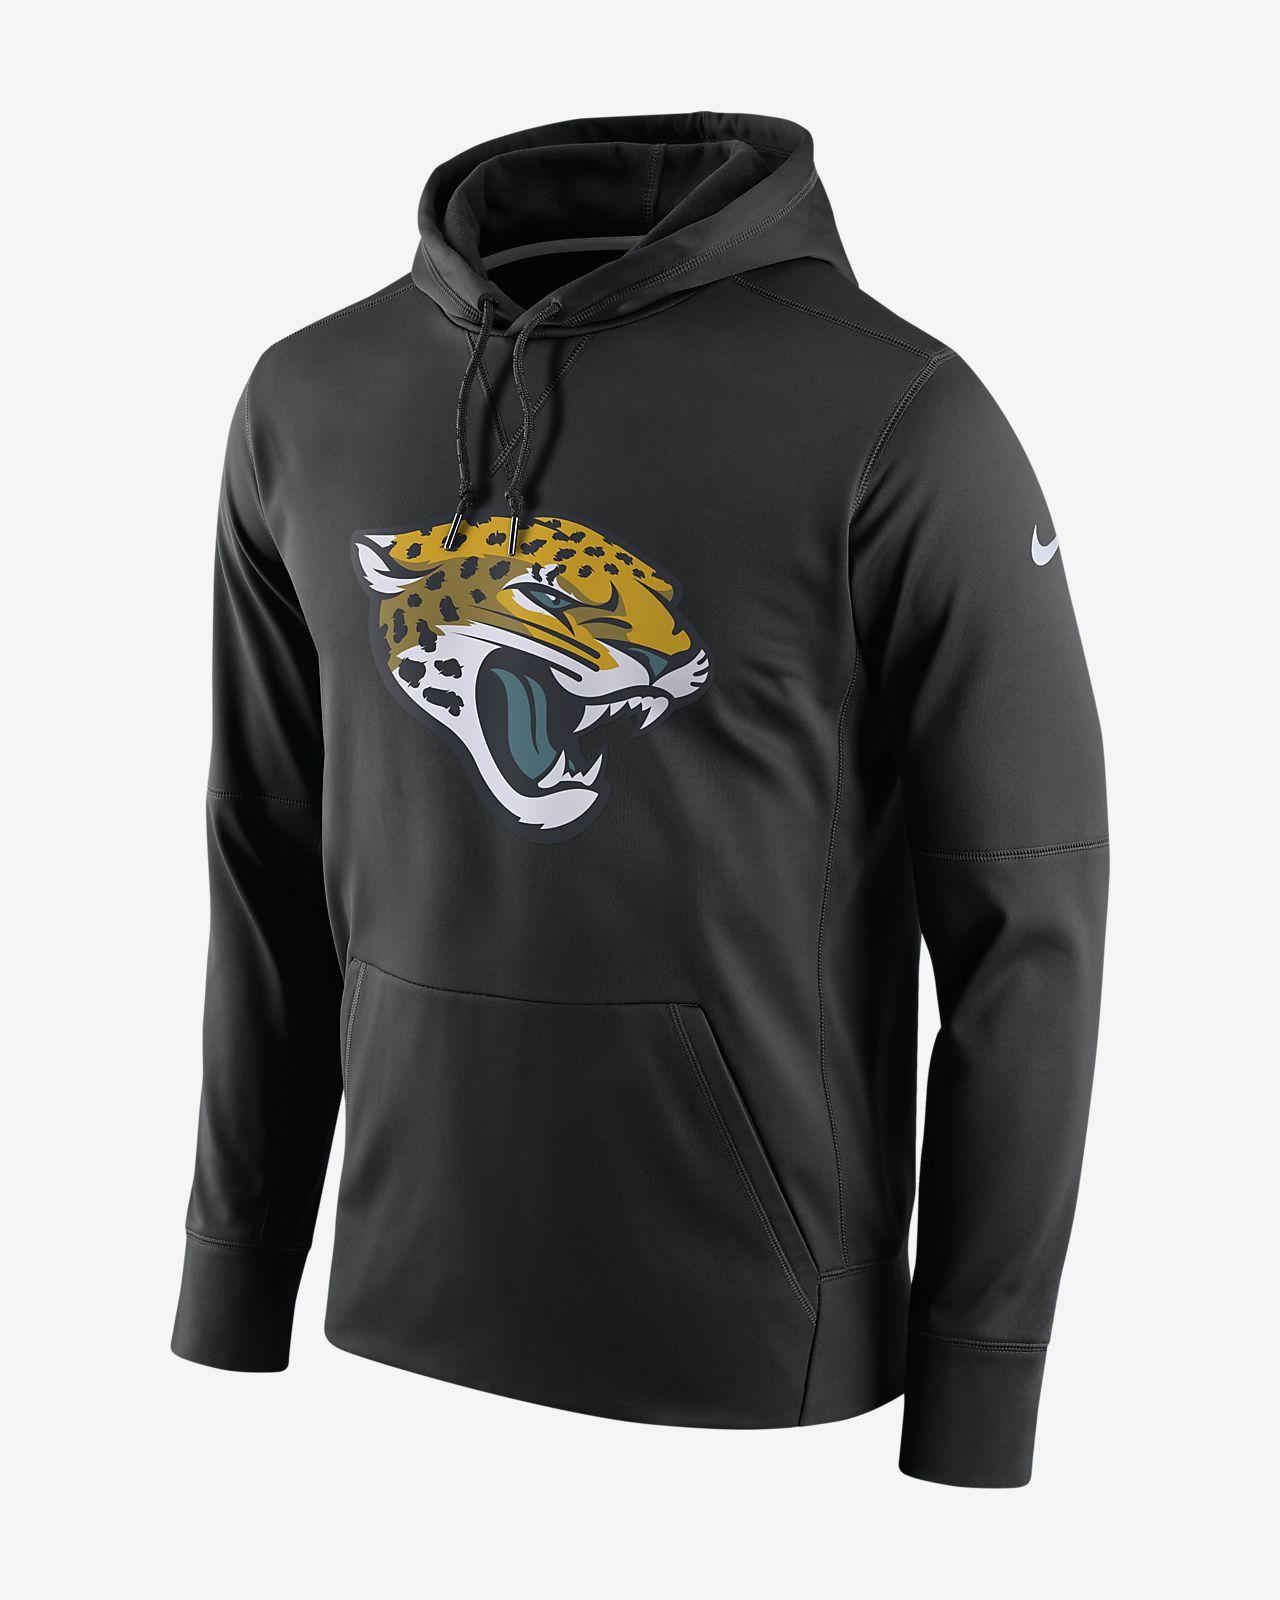 Ανδρική μπλούζα με κουκούλα Nike Dri-FIT (NFL Jaguars)